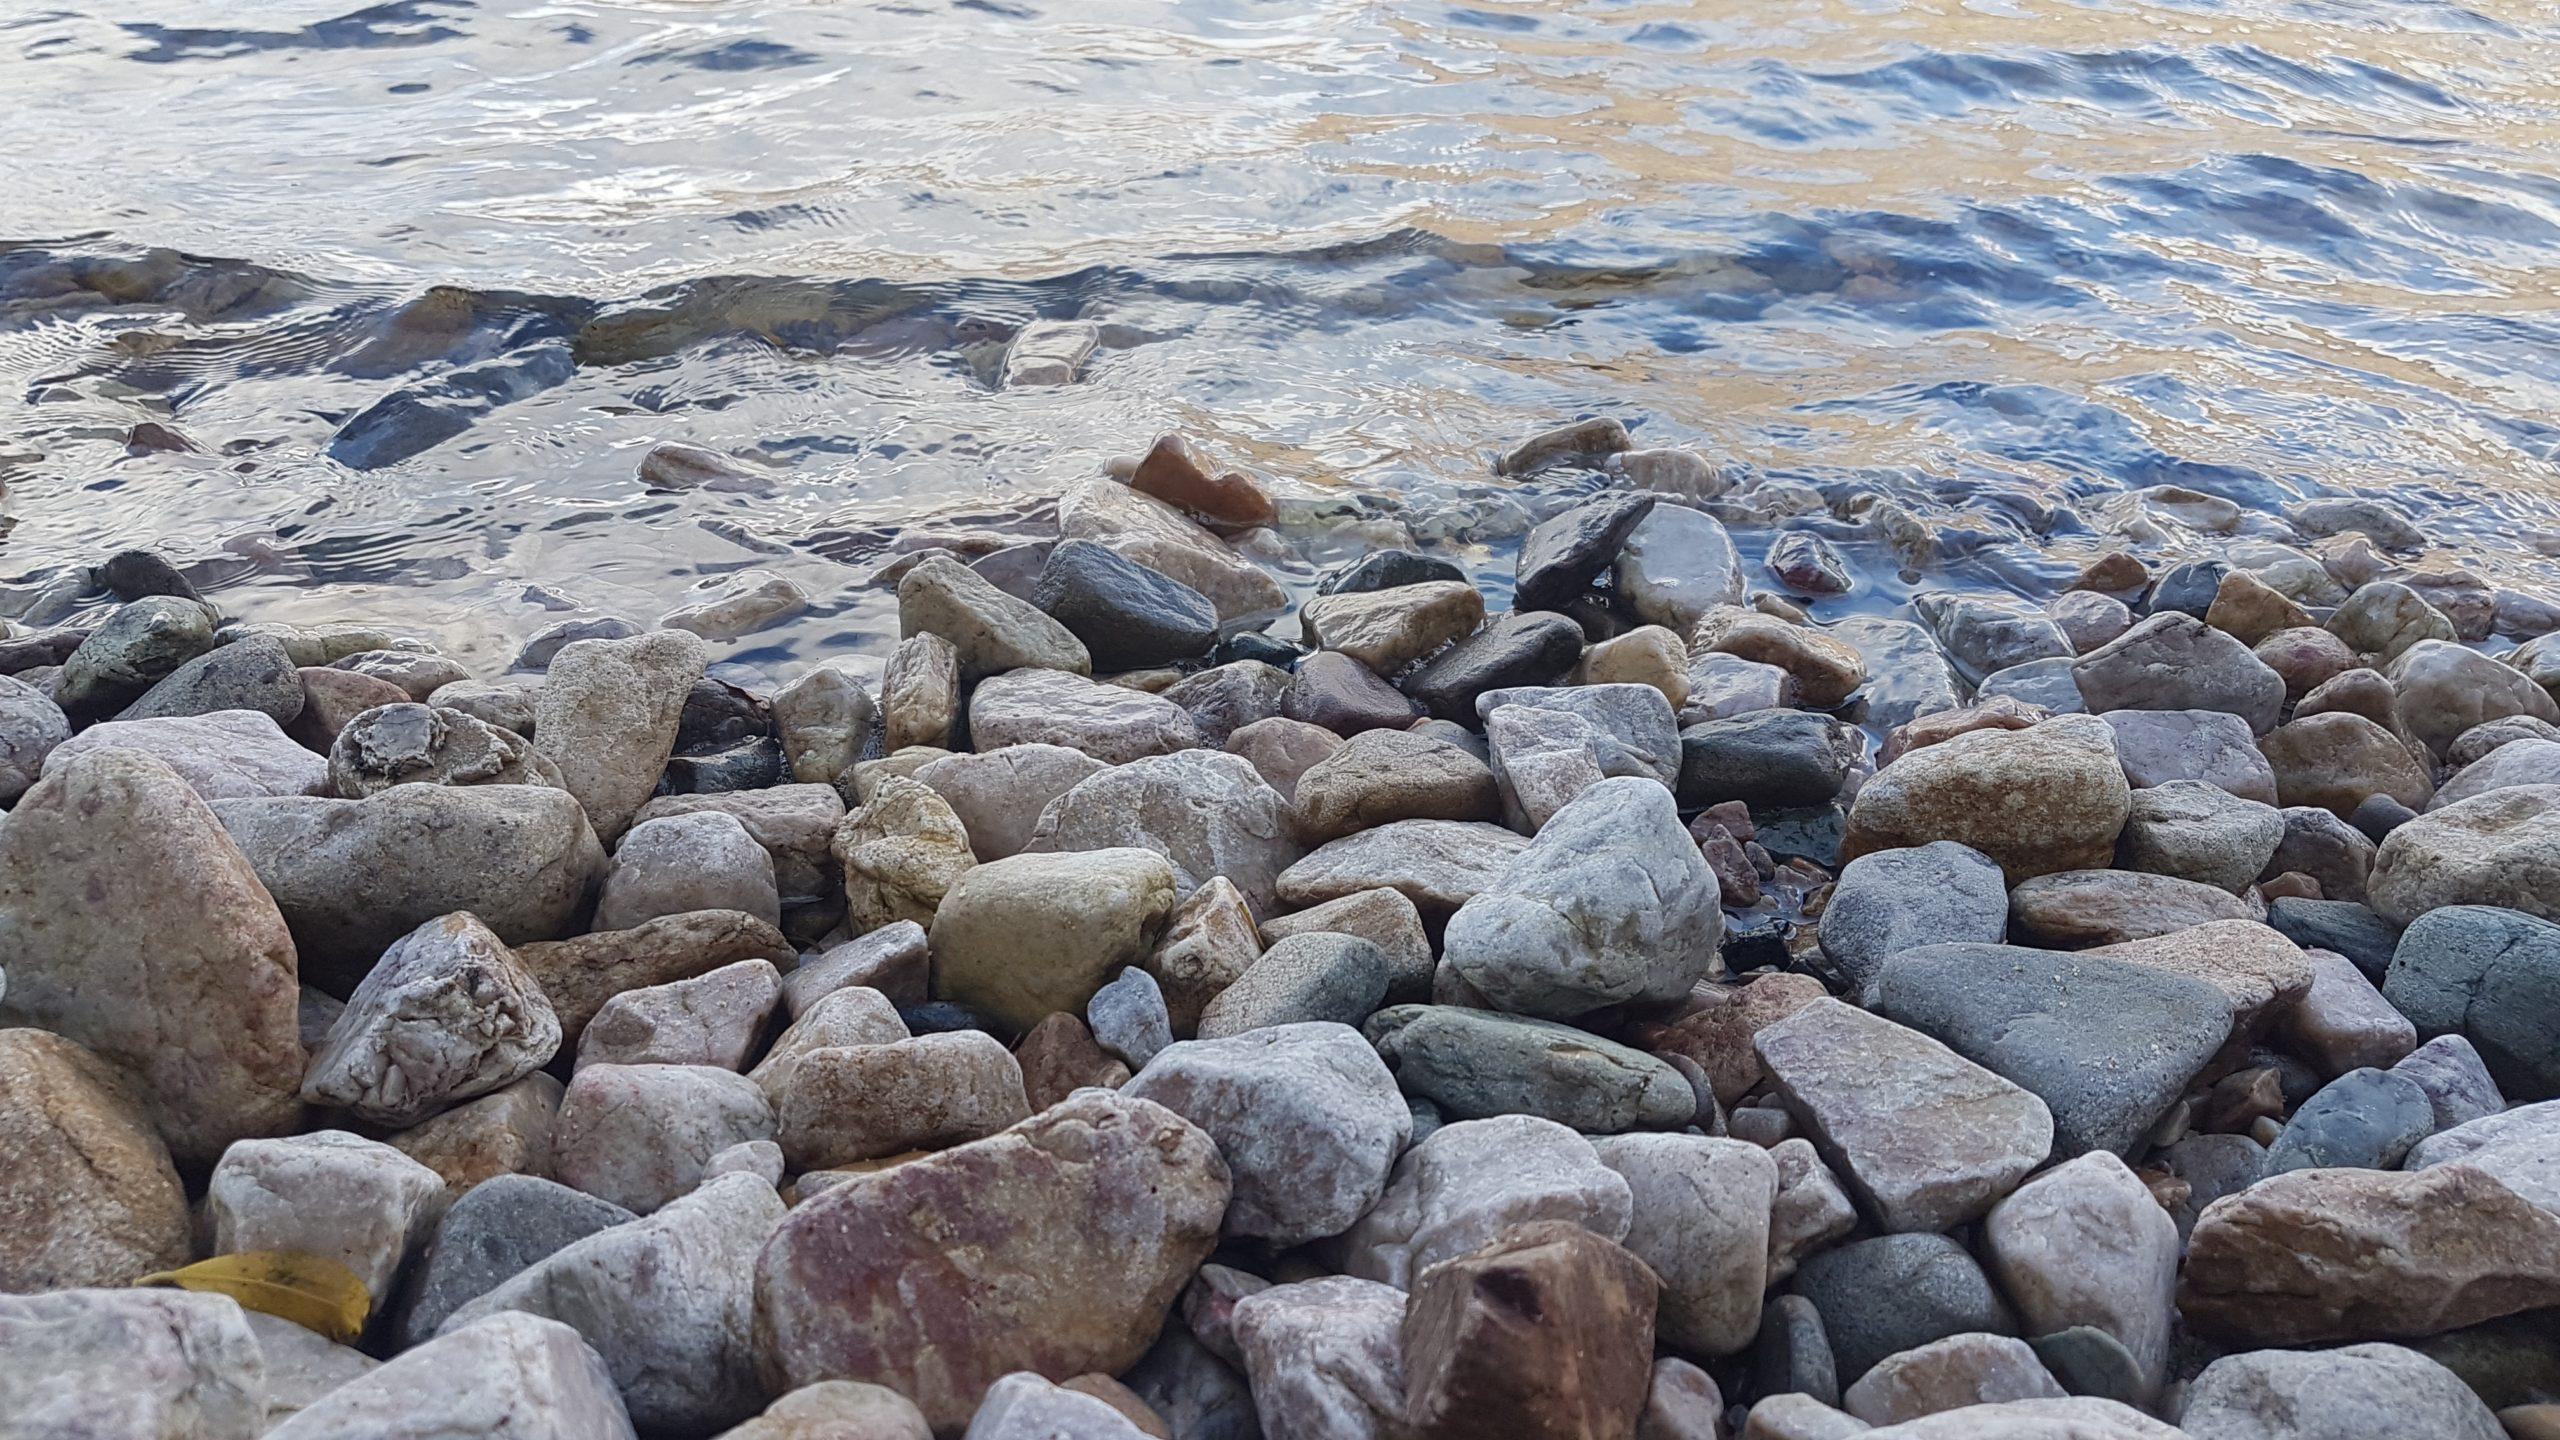 20181006_SchotlandWaterSteen